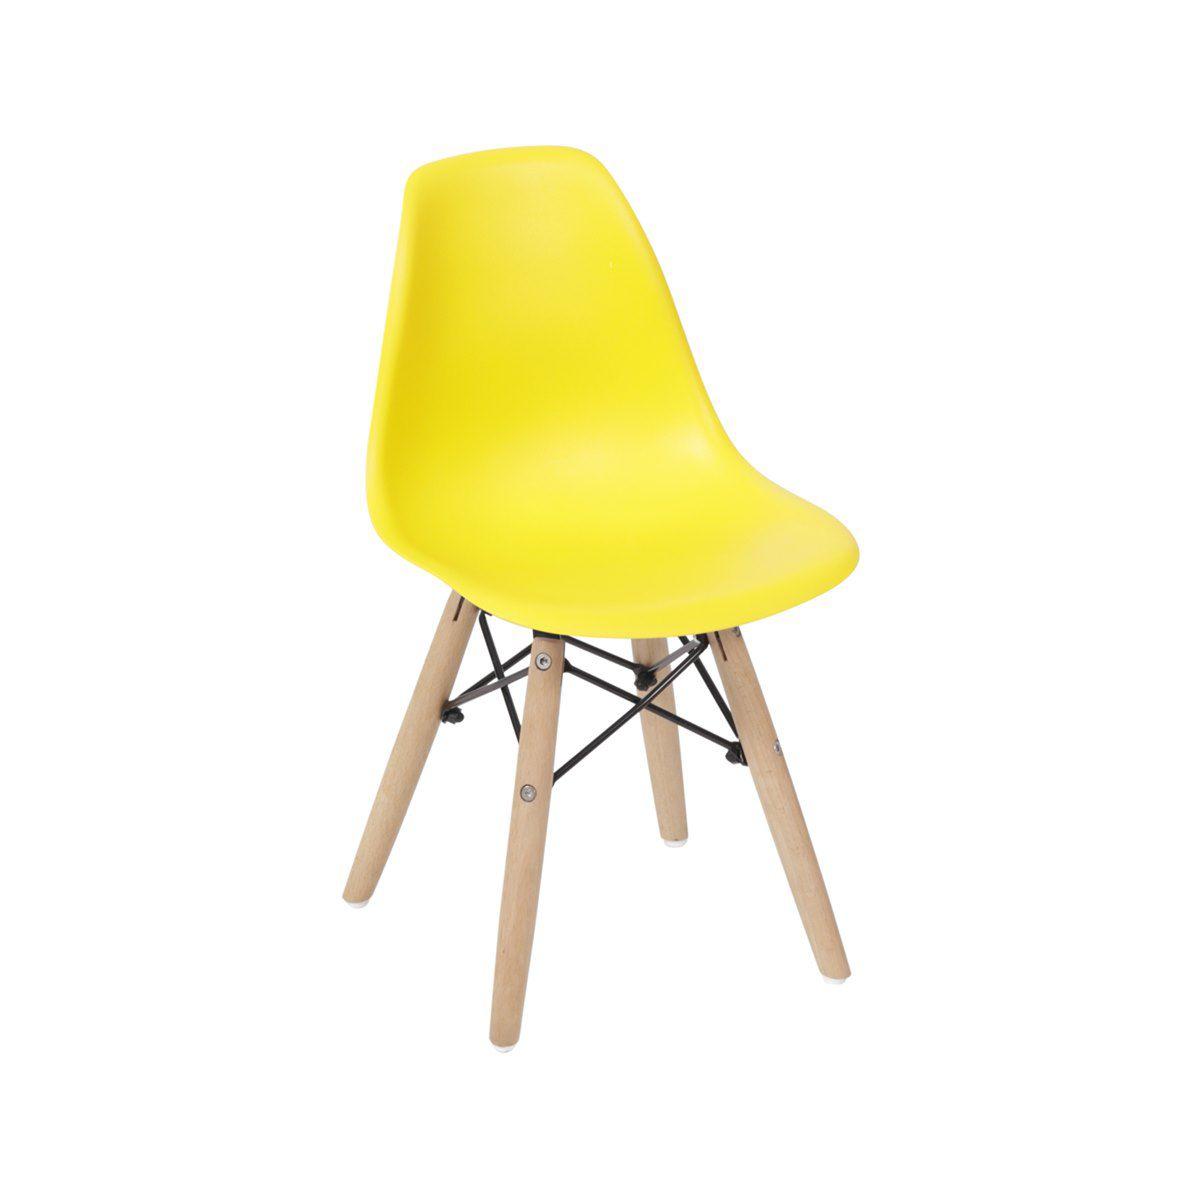 Cadeira Infantil Eames DSW Polipropileno Base Eiffel Madeira